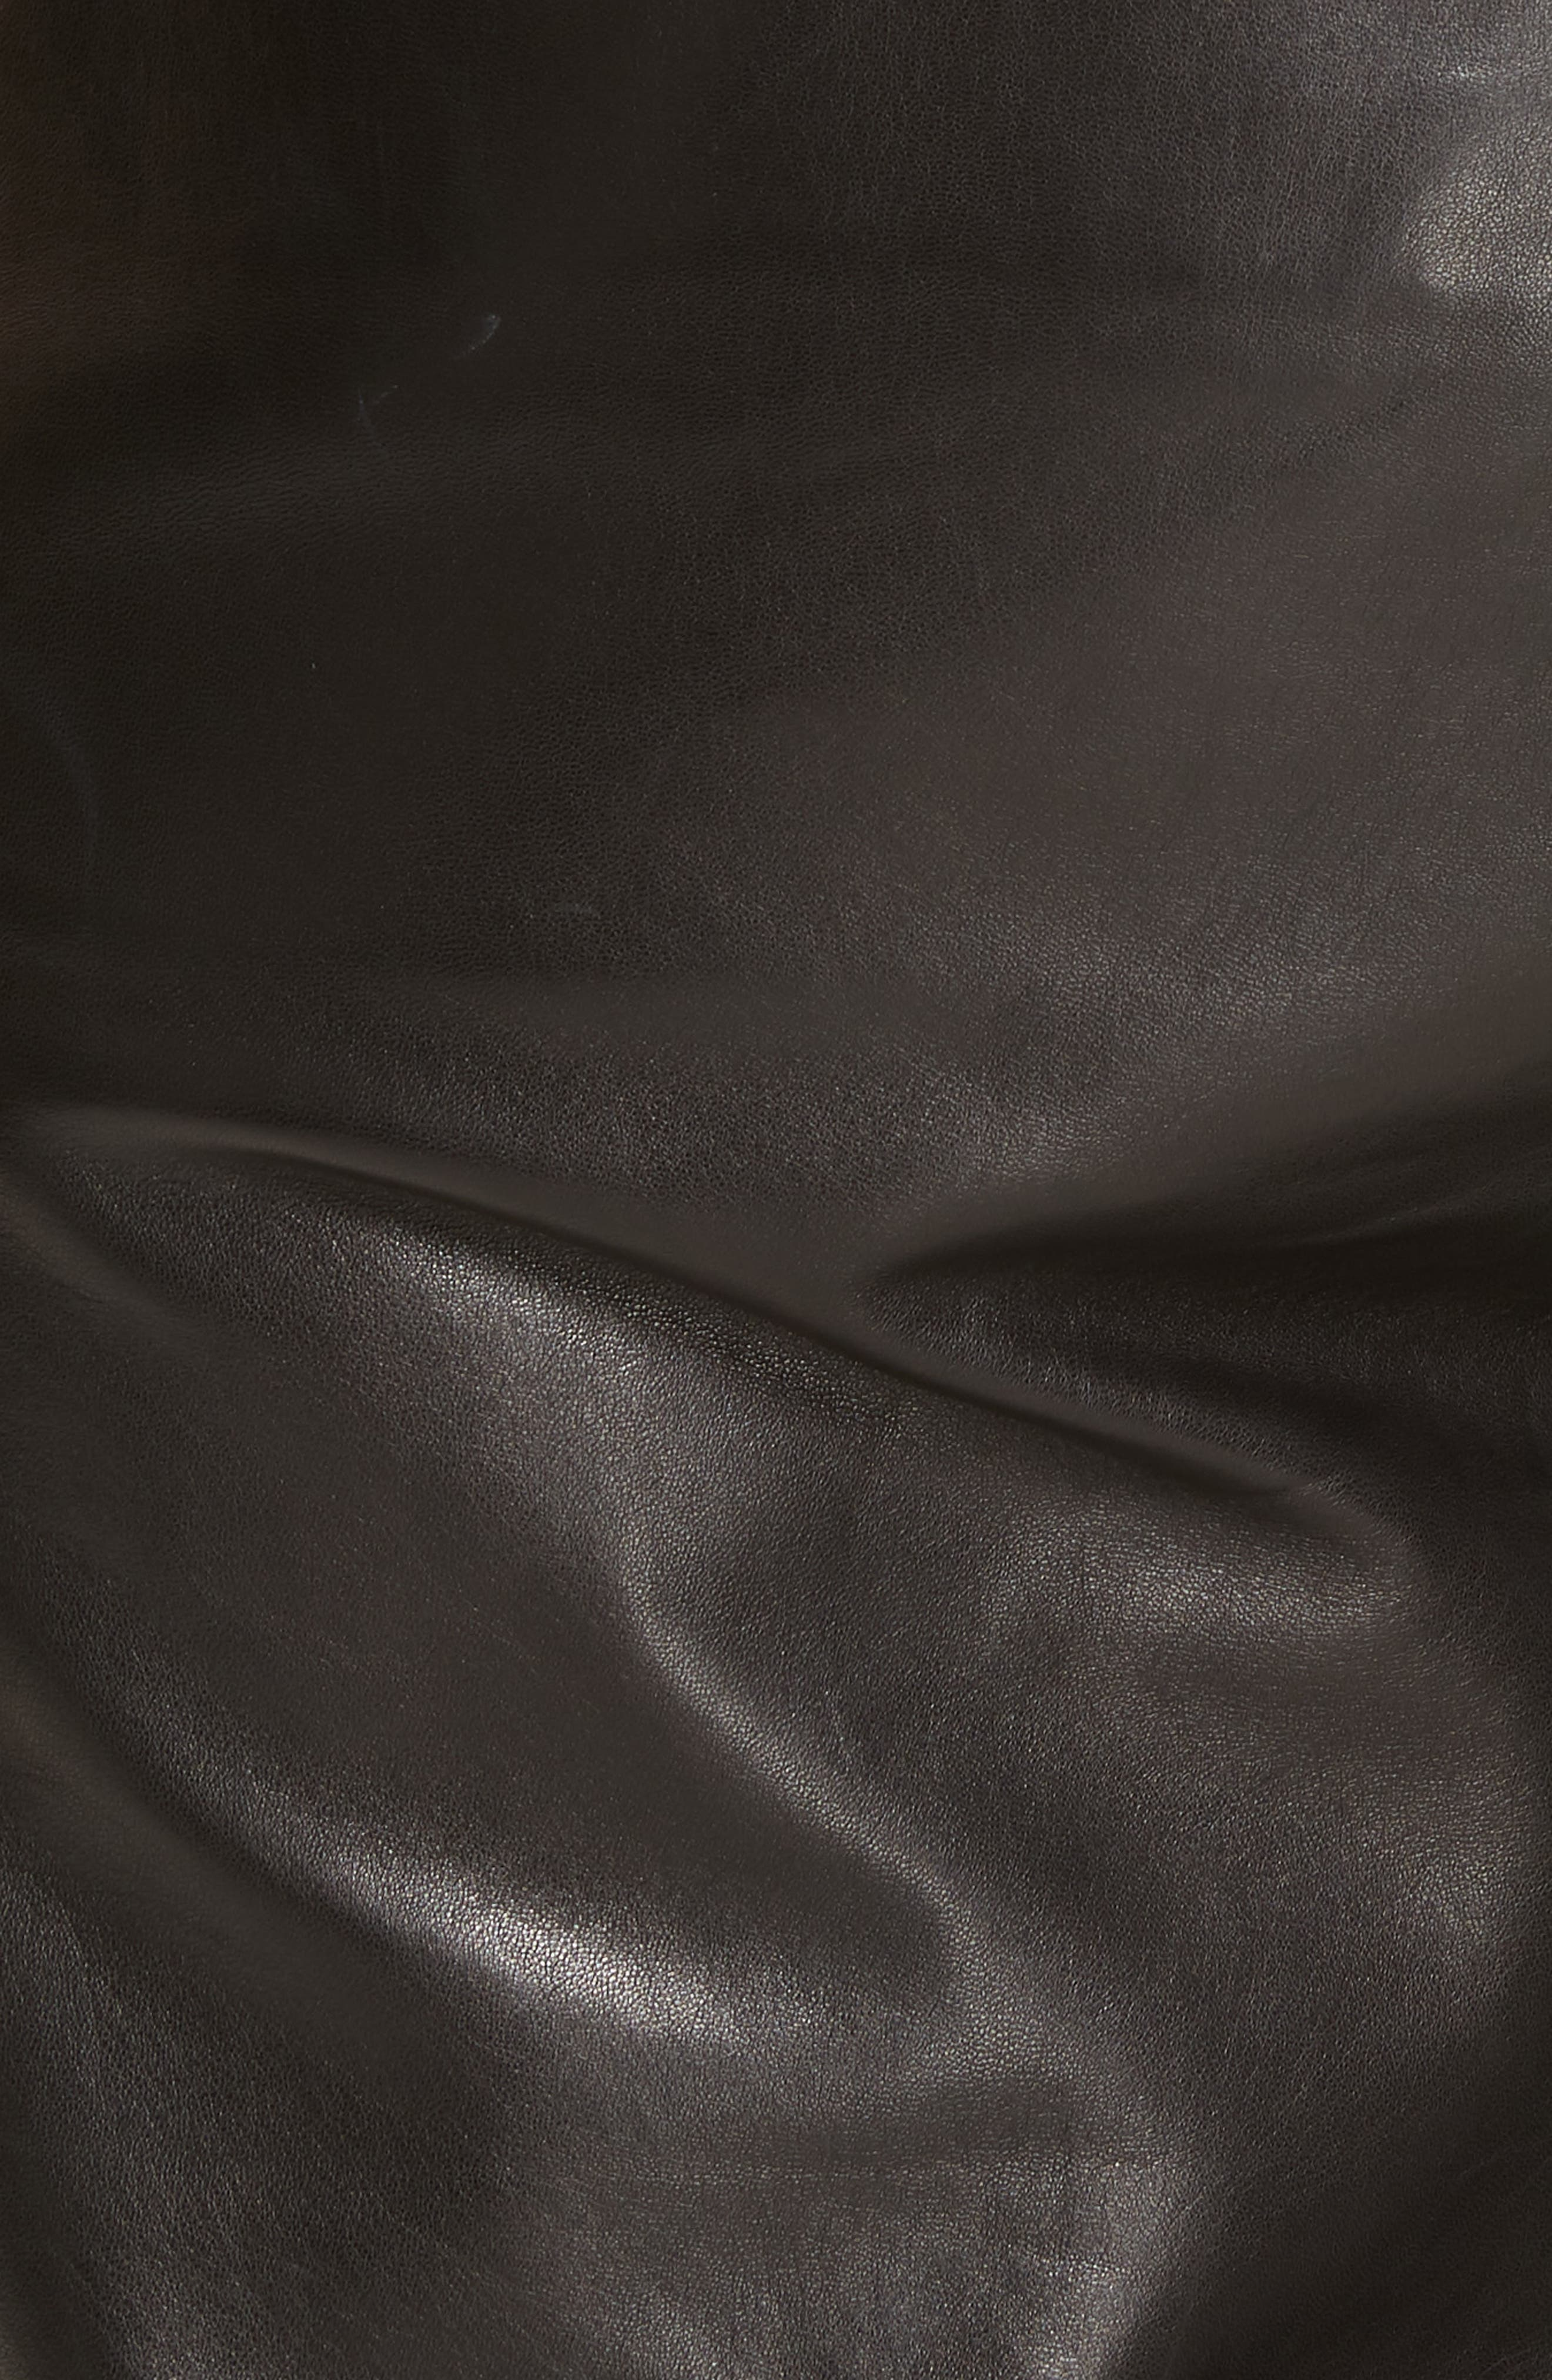 Faxon Leather Pants,                             Alternate thumbnail 5, color,                             BLACK